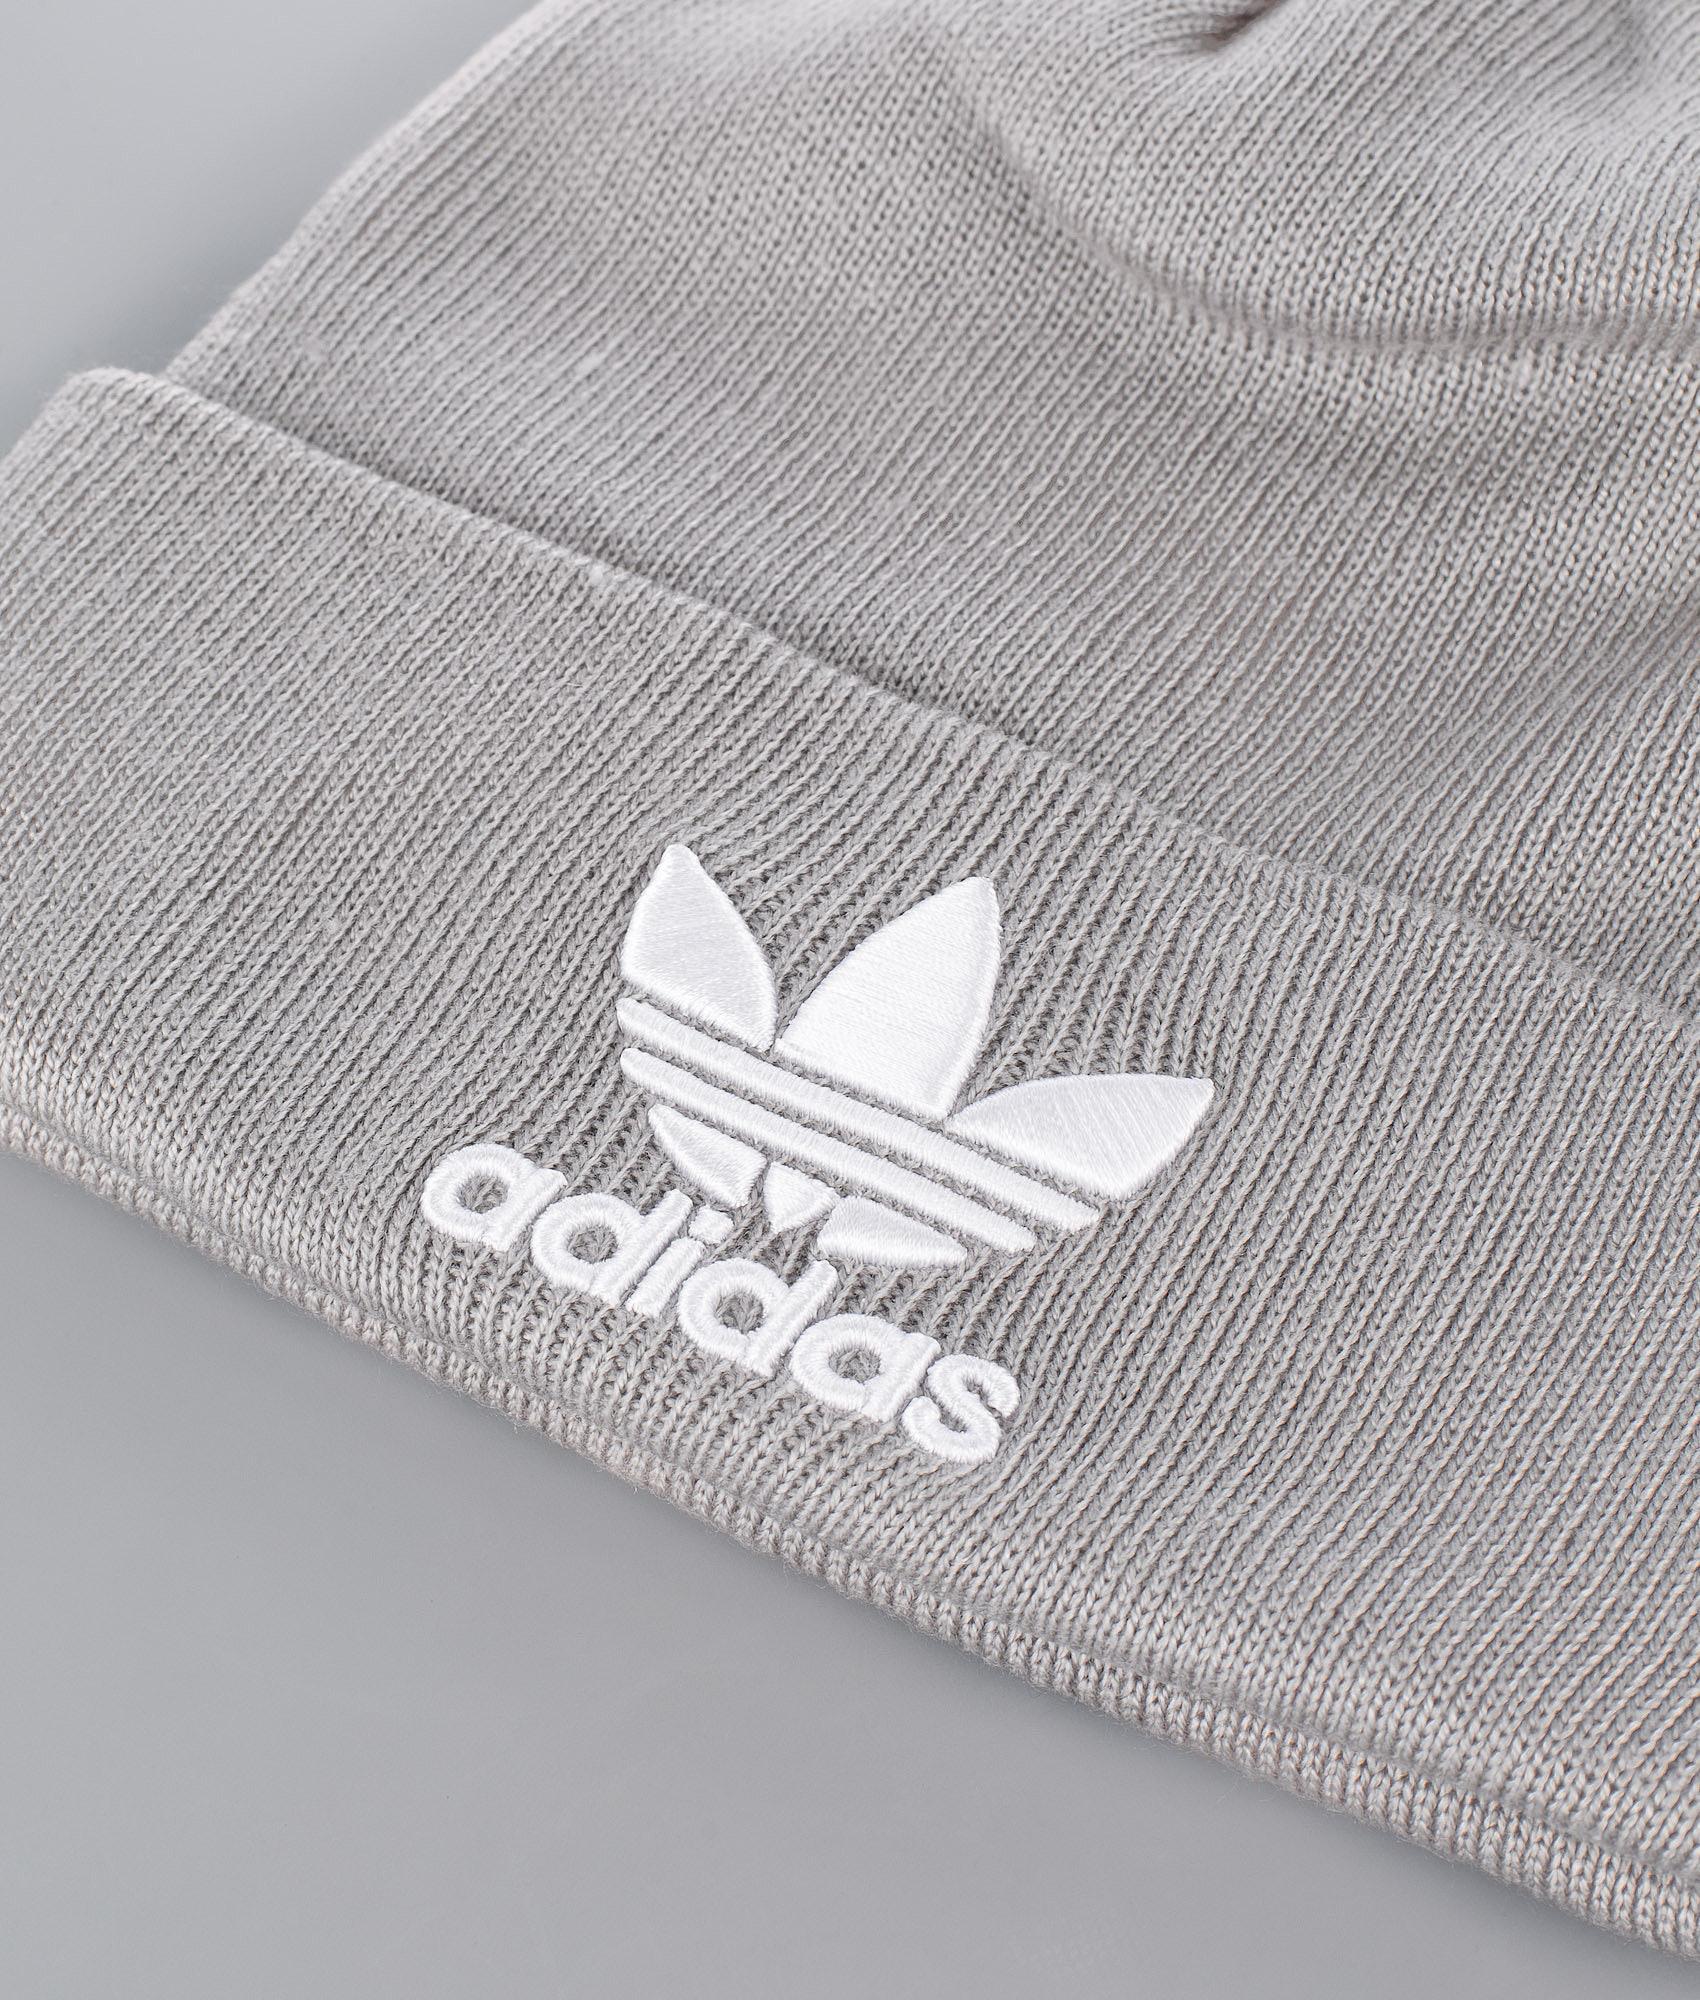 5b4abc46485 Adidas Originals Trefoil Beanie Mgh Solid Grey - Ridestore.com